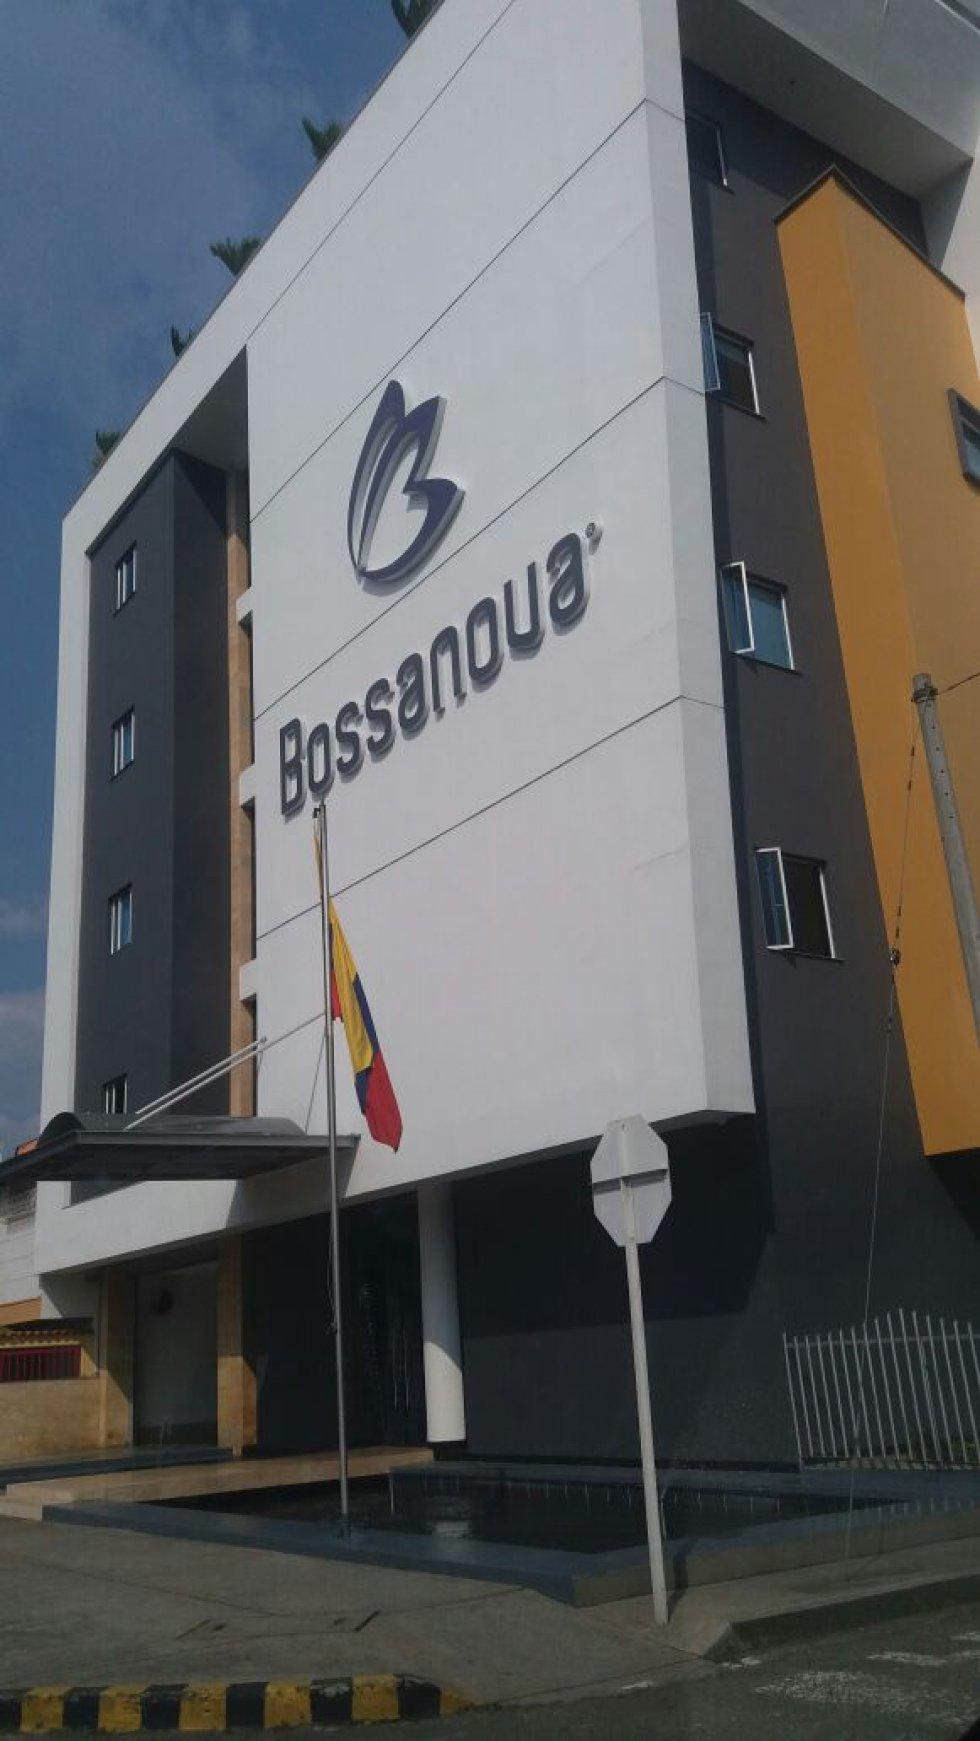 En cali otro de los lugares es el motel Bossanoua